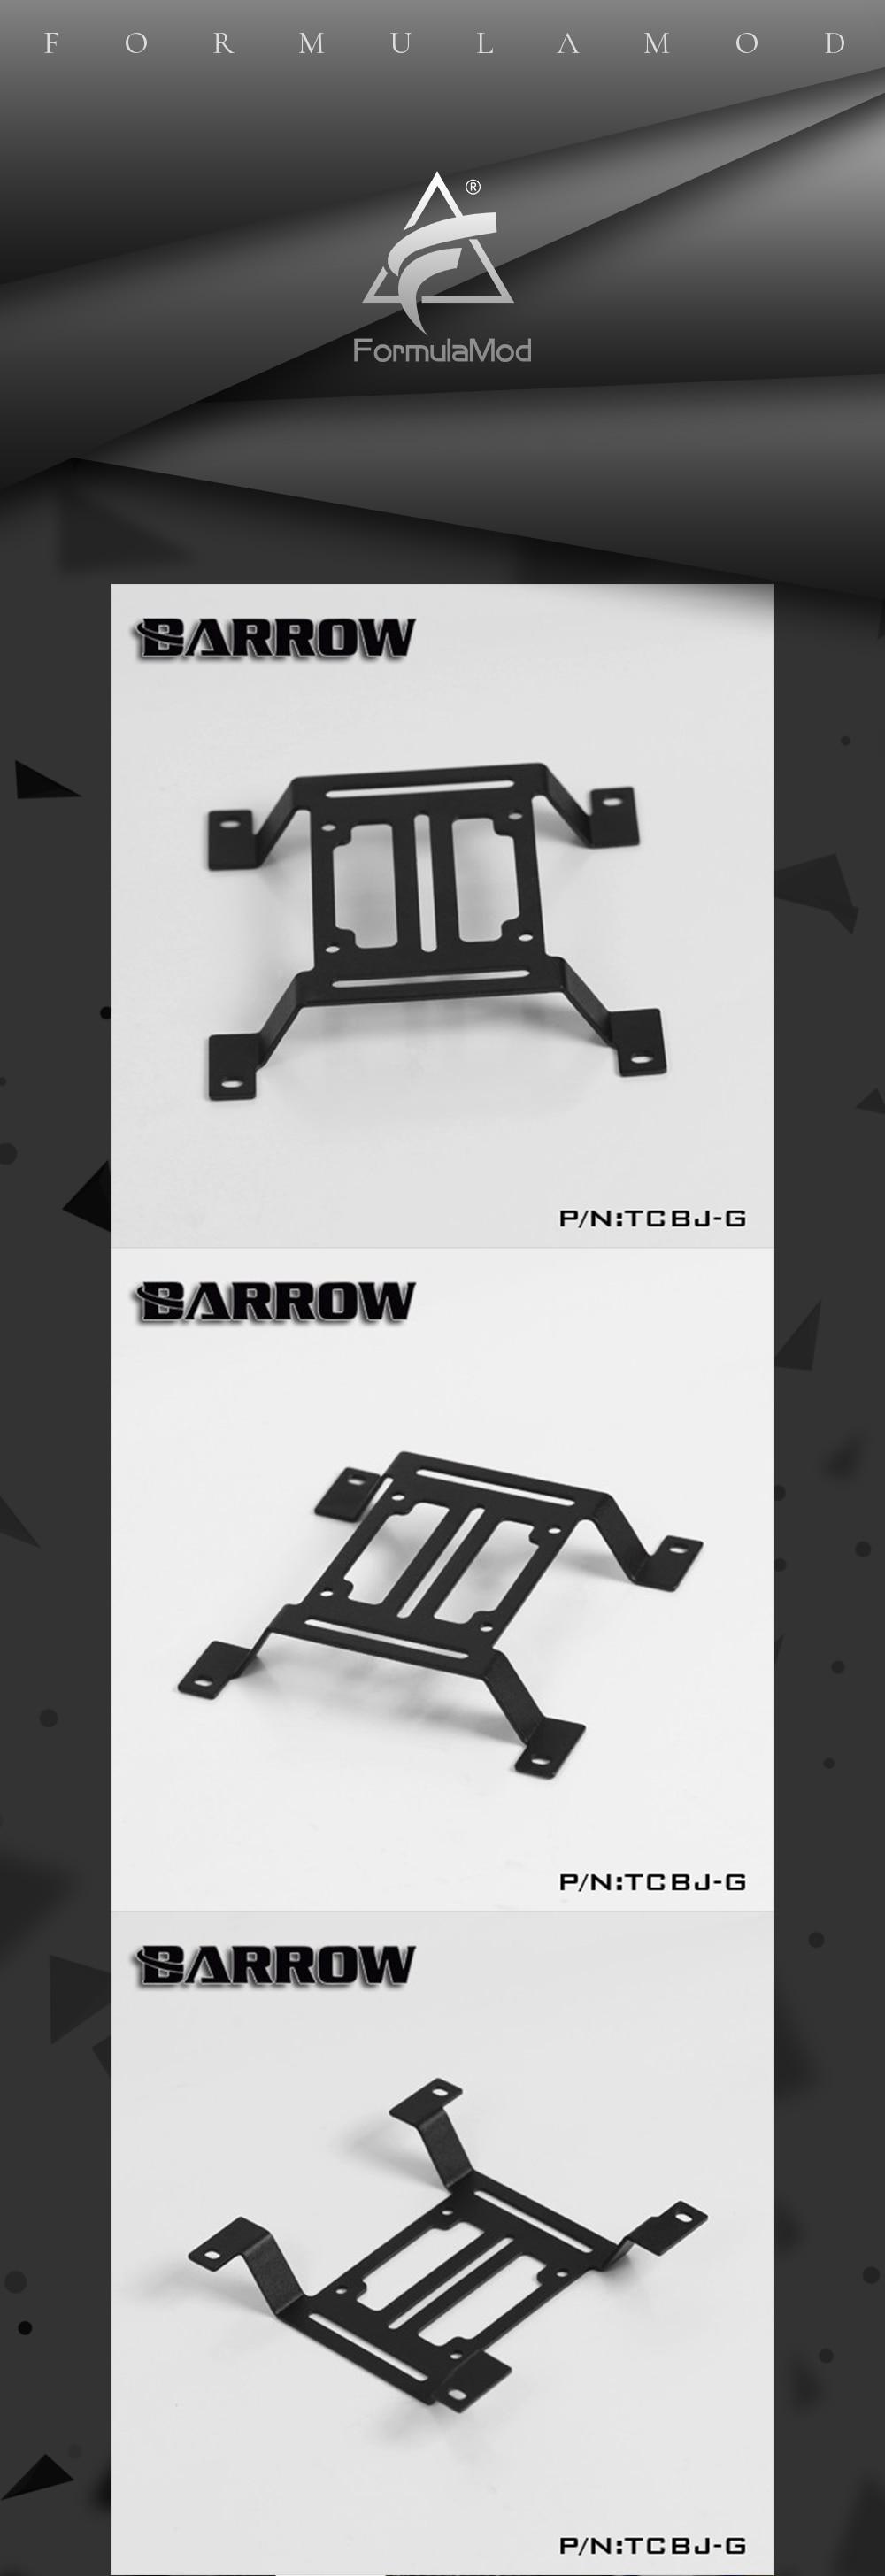 Barrow TCBJ-G12 Radiator stand, Water Tank carrier, water pump Bracket, 12cm fan mounting bracket